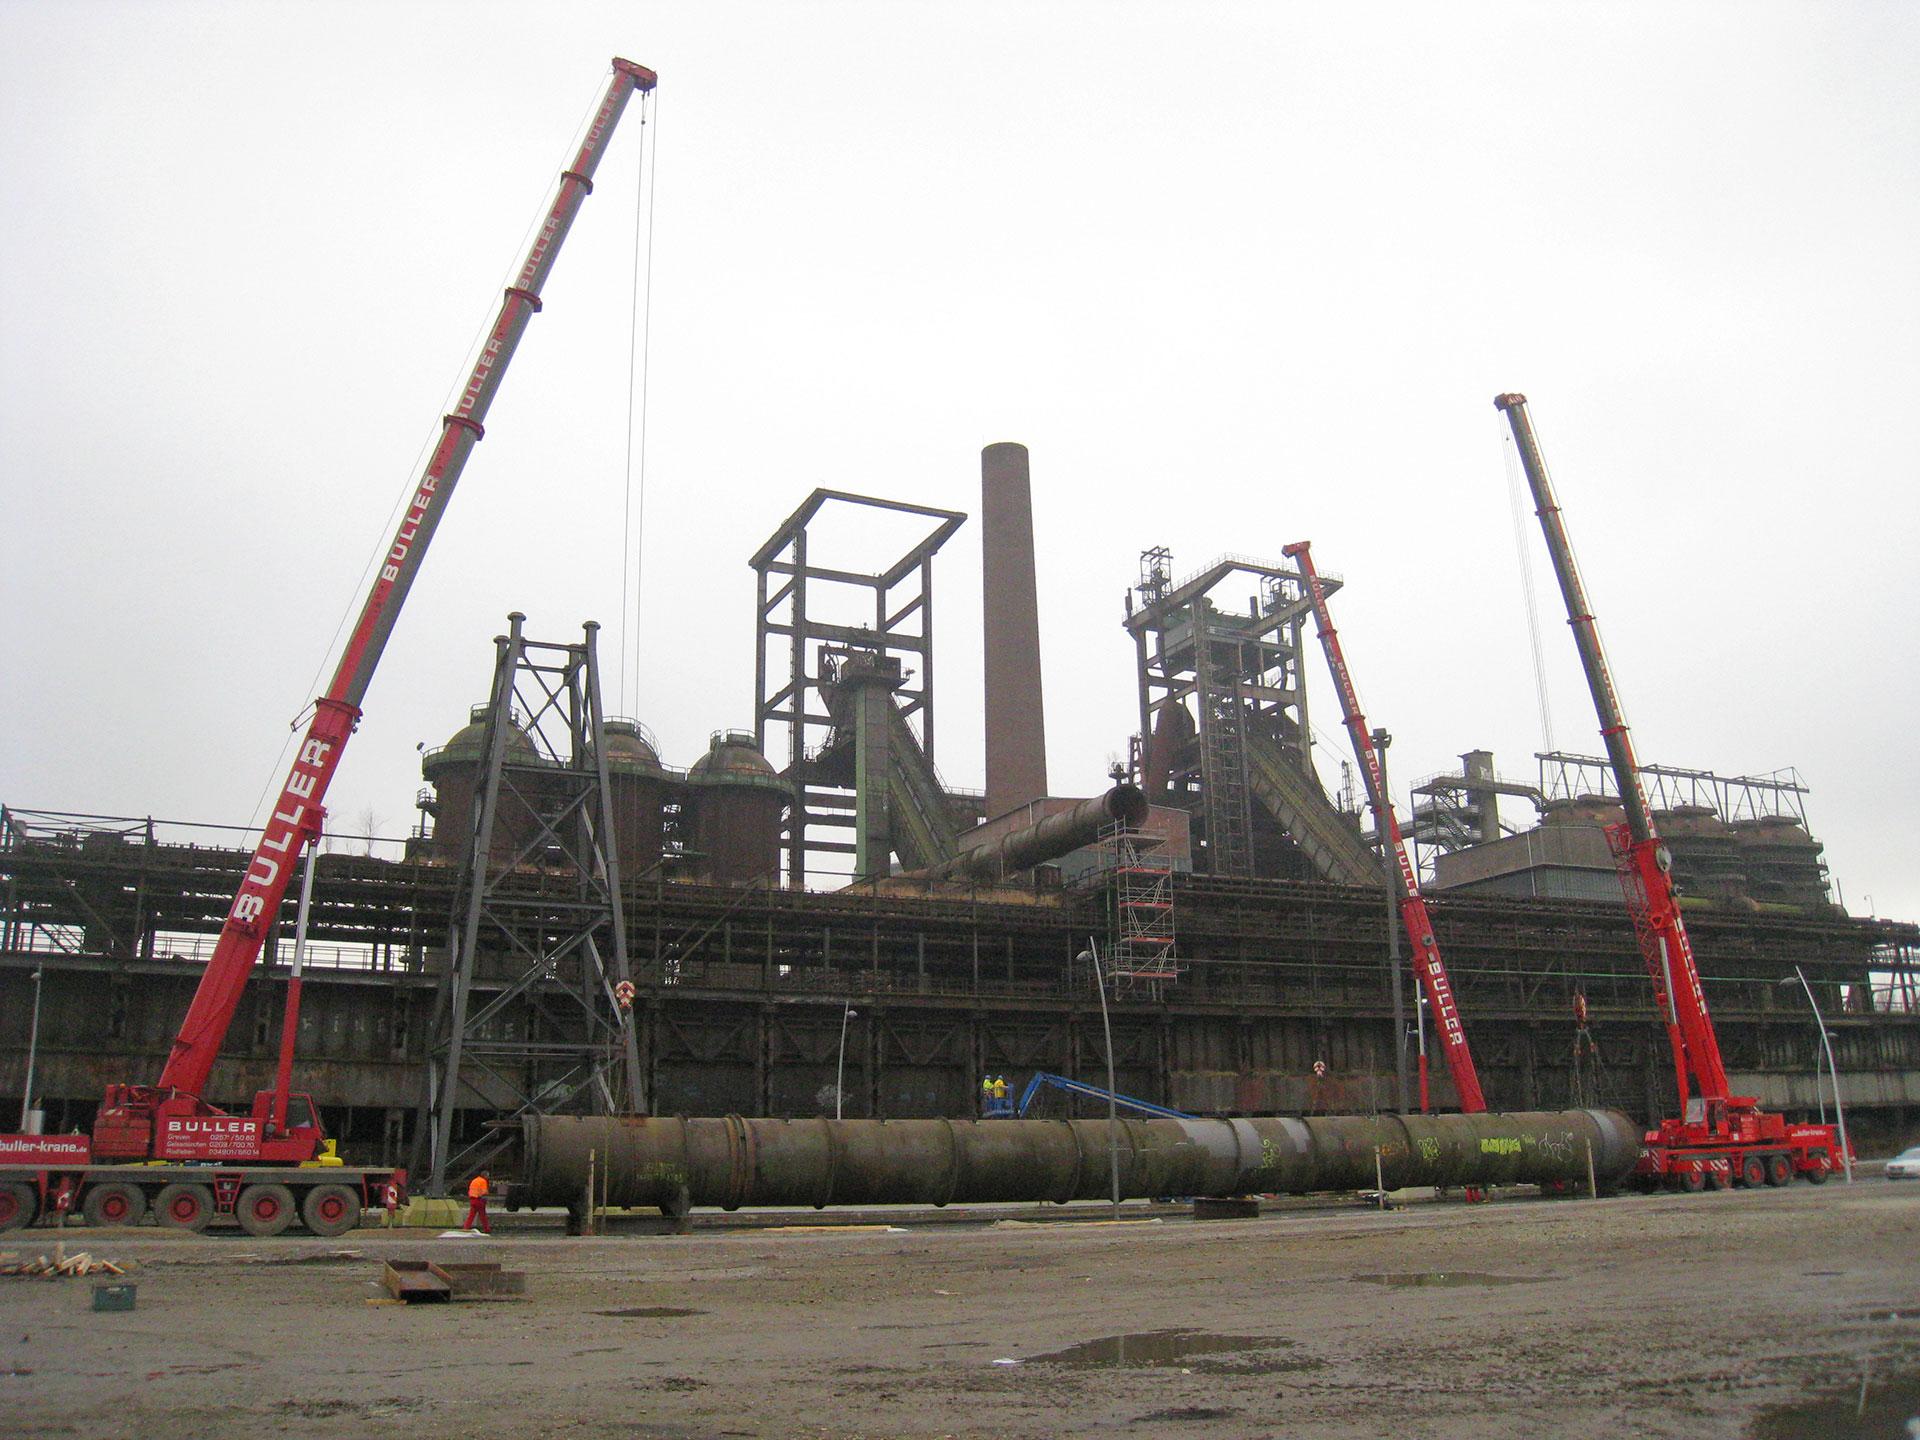 Buller_Kranvermietung_Industriebau